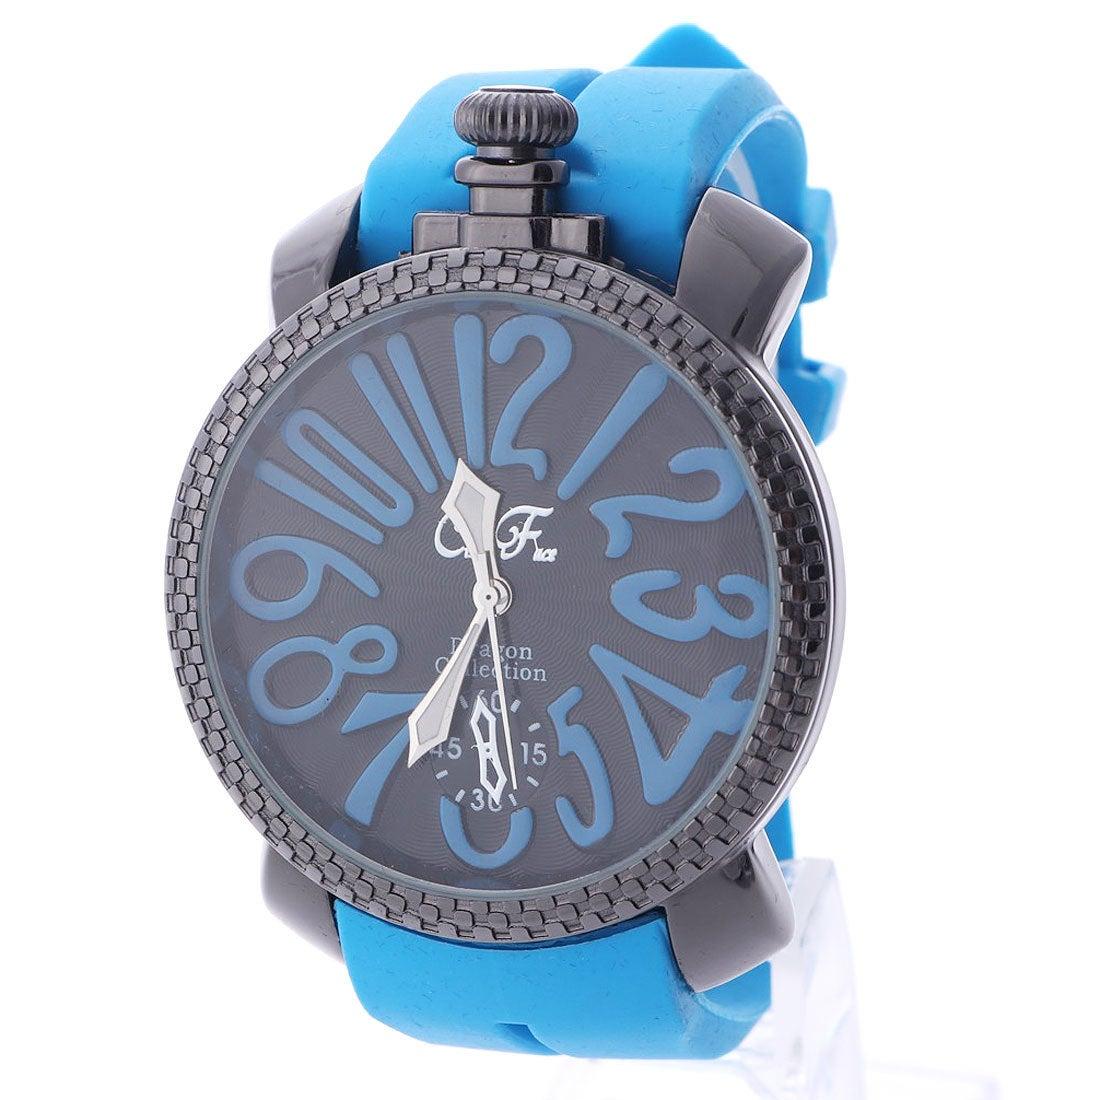 イタリコ ITALICO 【専用ケース付き】トップリューズ式ビッグフェイス腕時計 ラバーベルト47mm (A(ブルー))